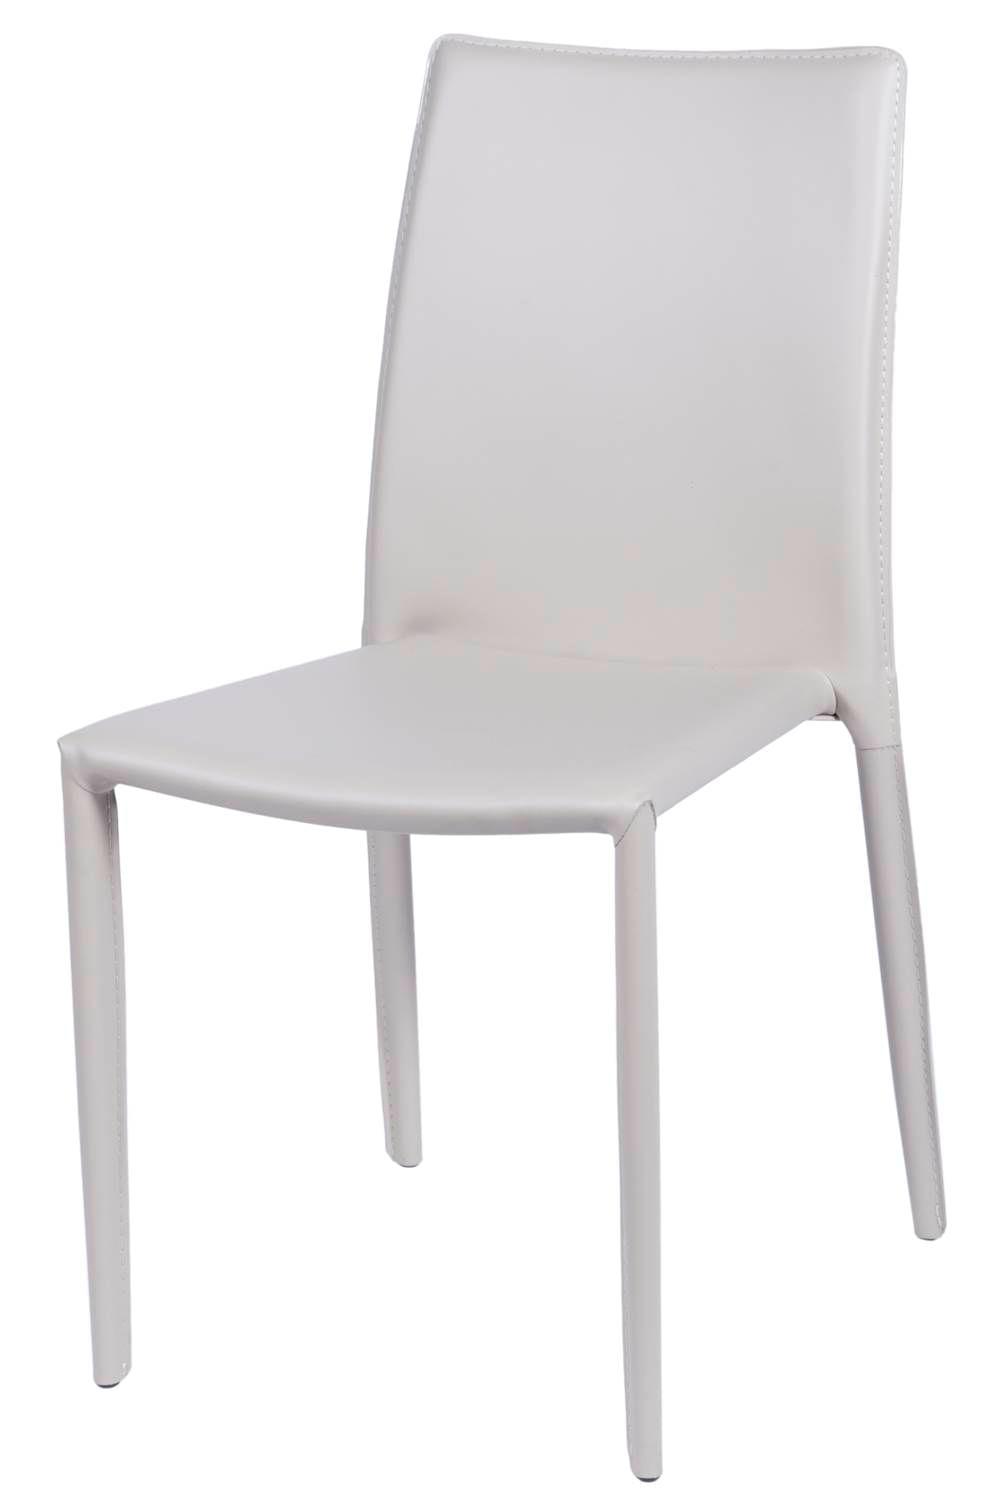 Cadeira Bali Estofada Couro Ecologico Bege - 22935